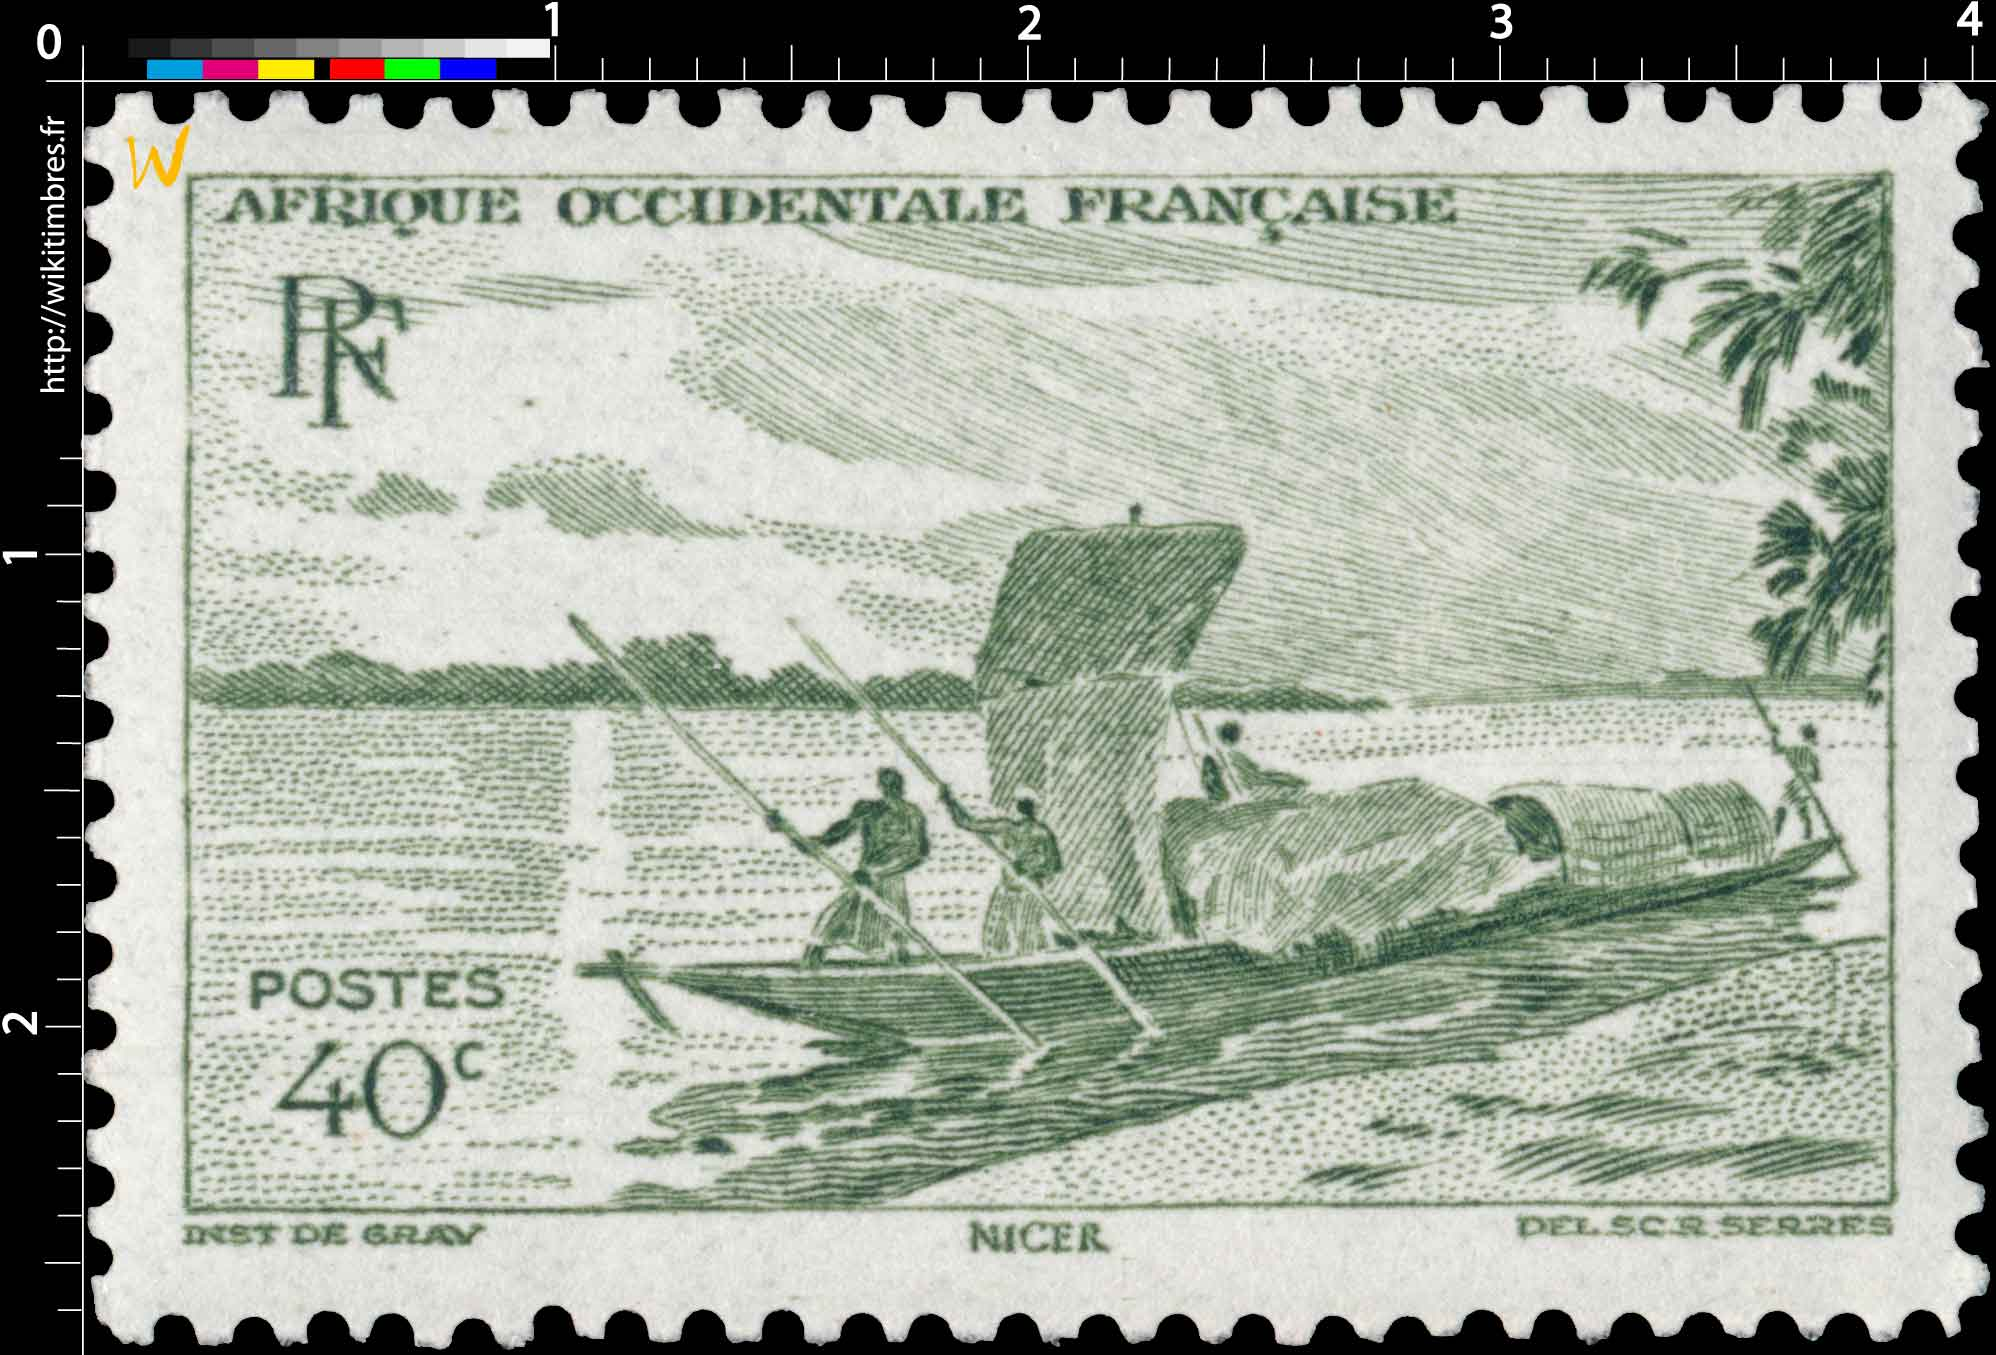 Afrique Occidentale Française Niger